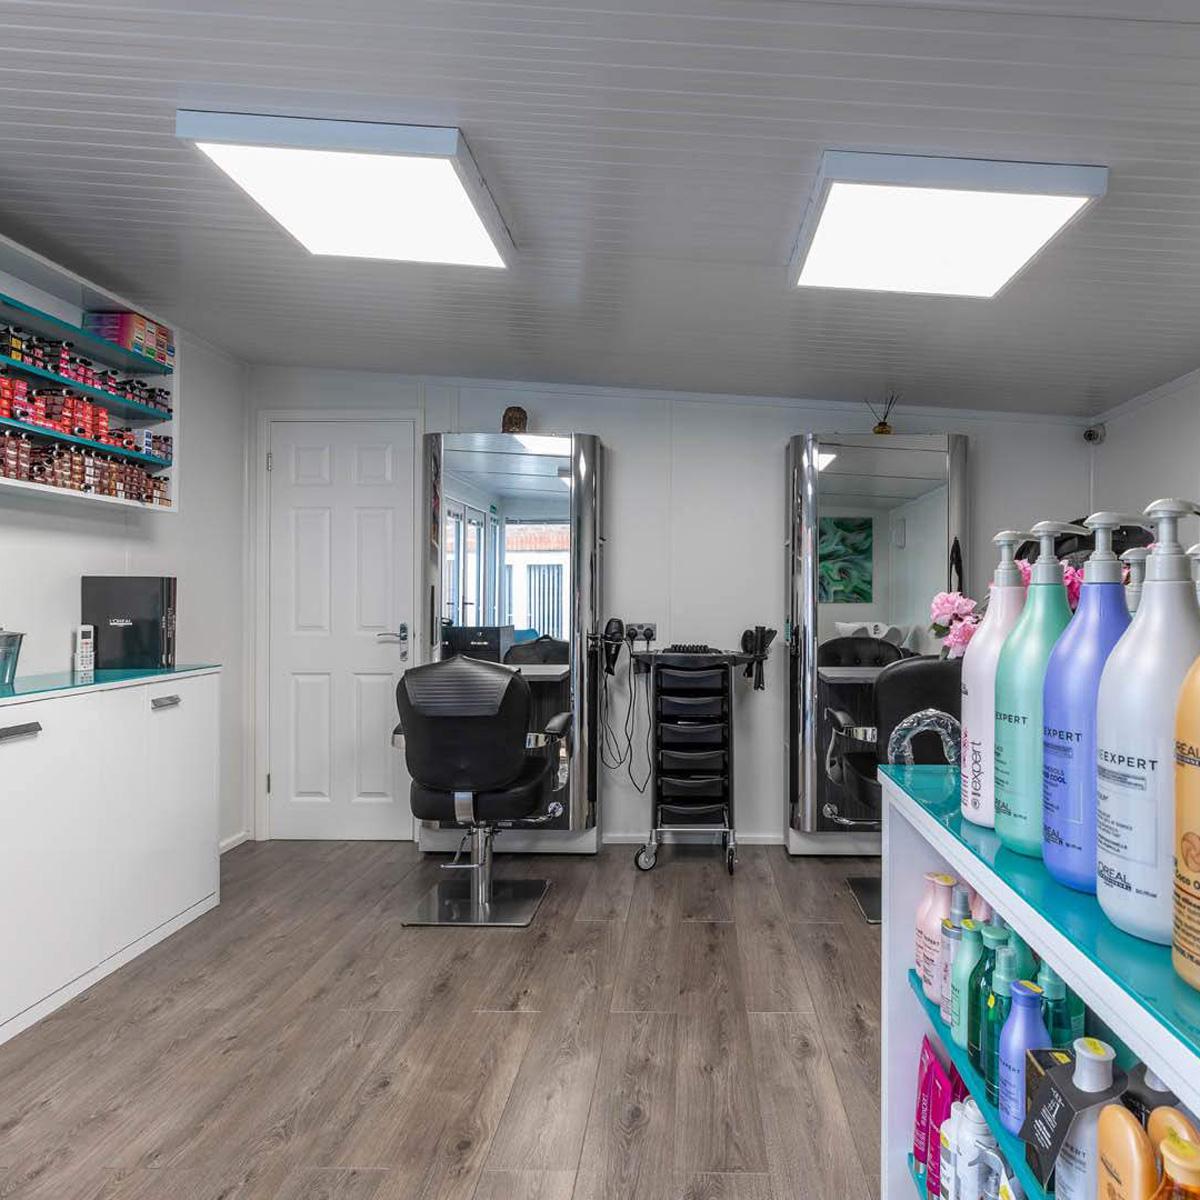 garden hair salon with treatment room